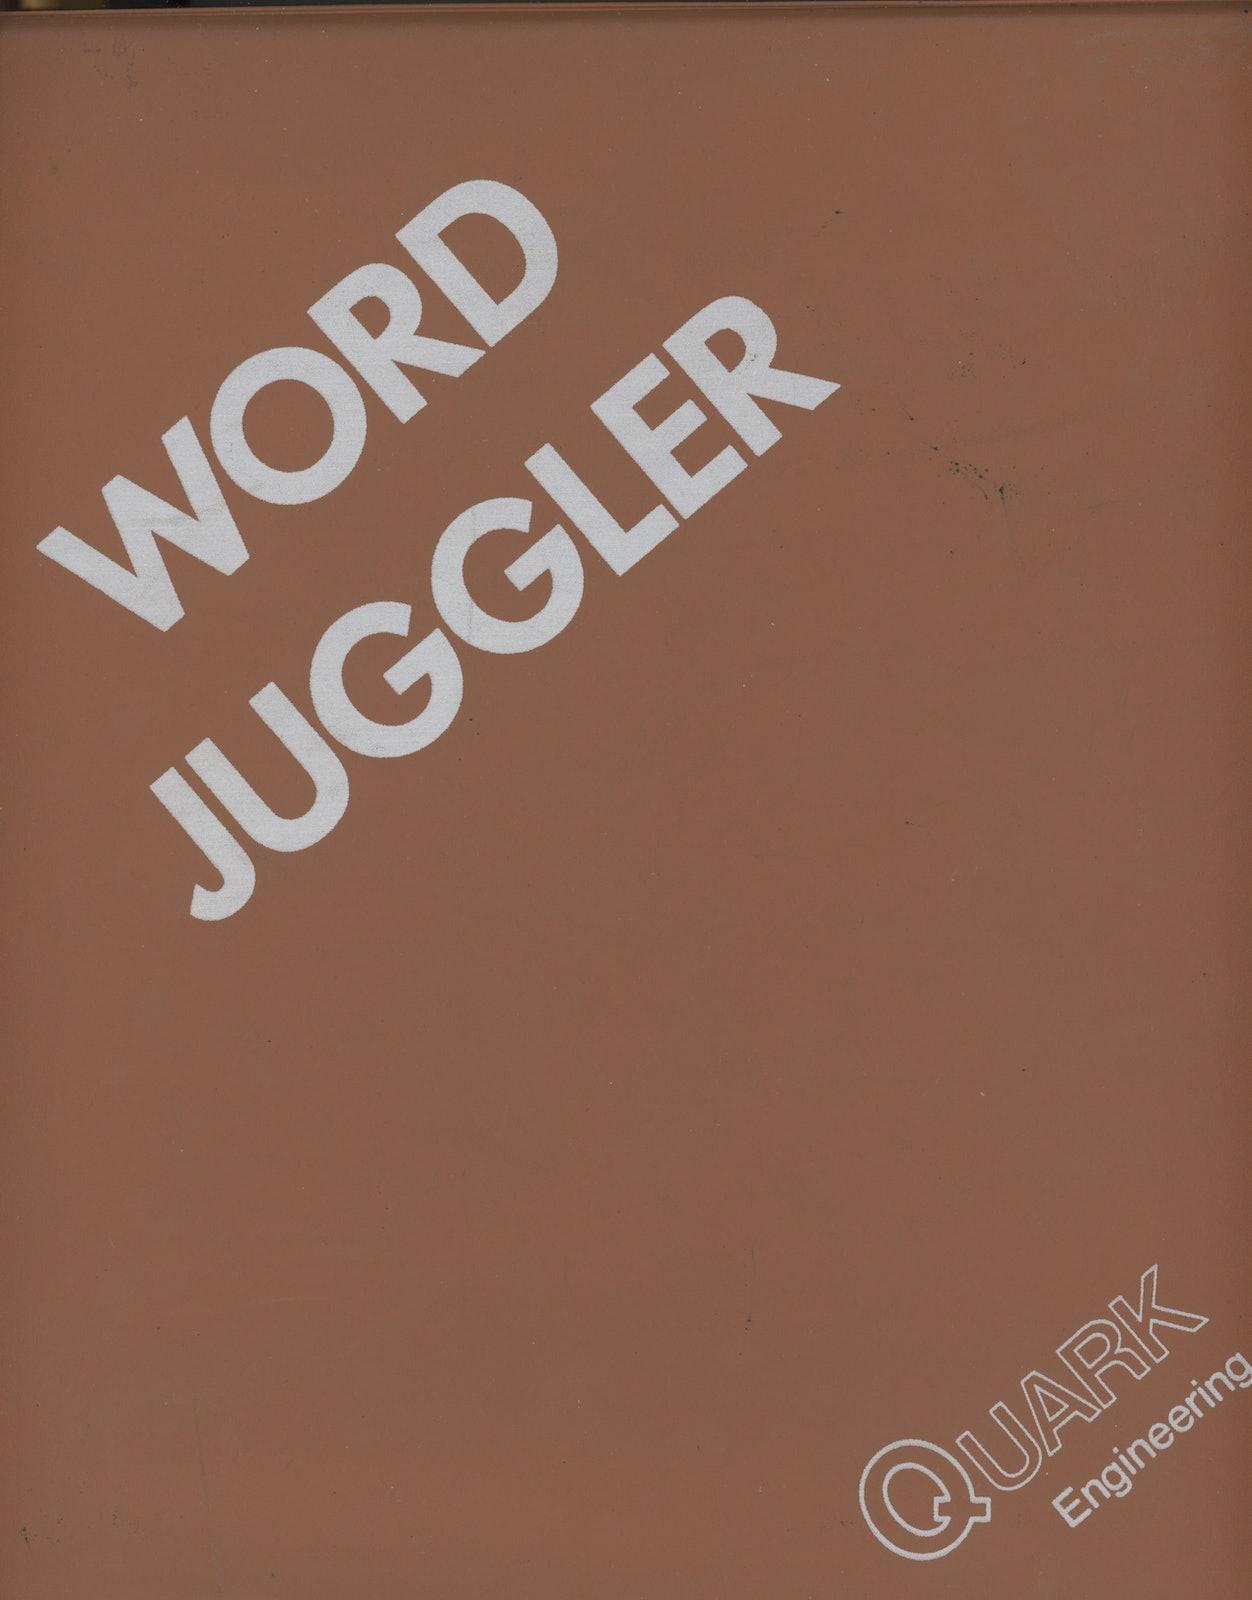 Word Juggler